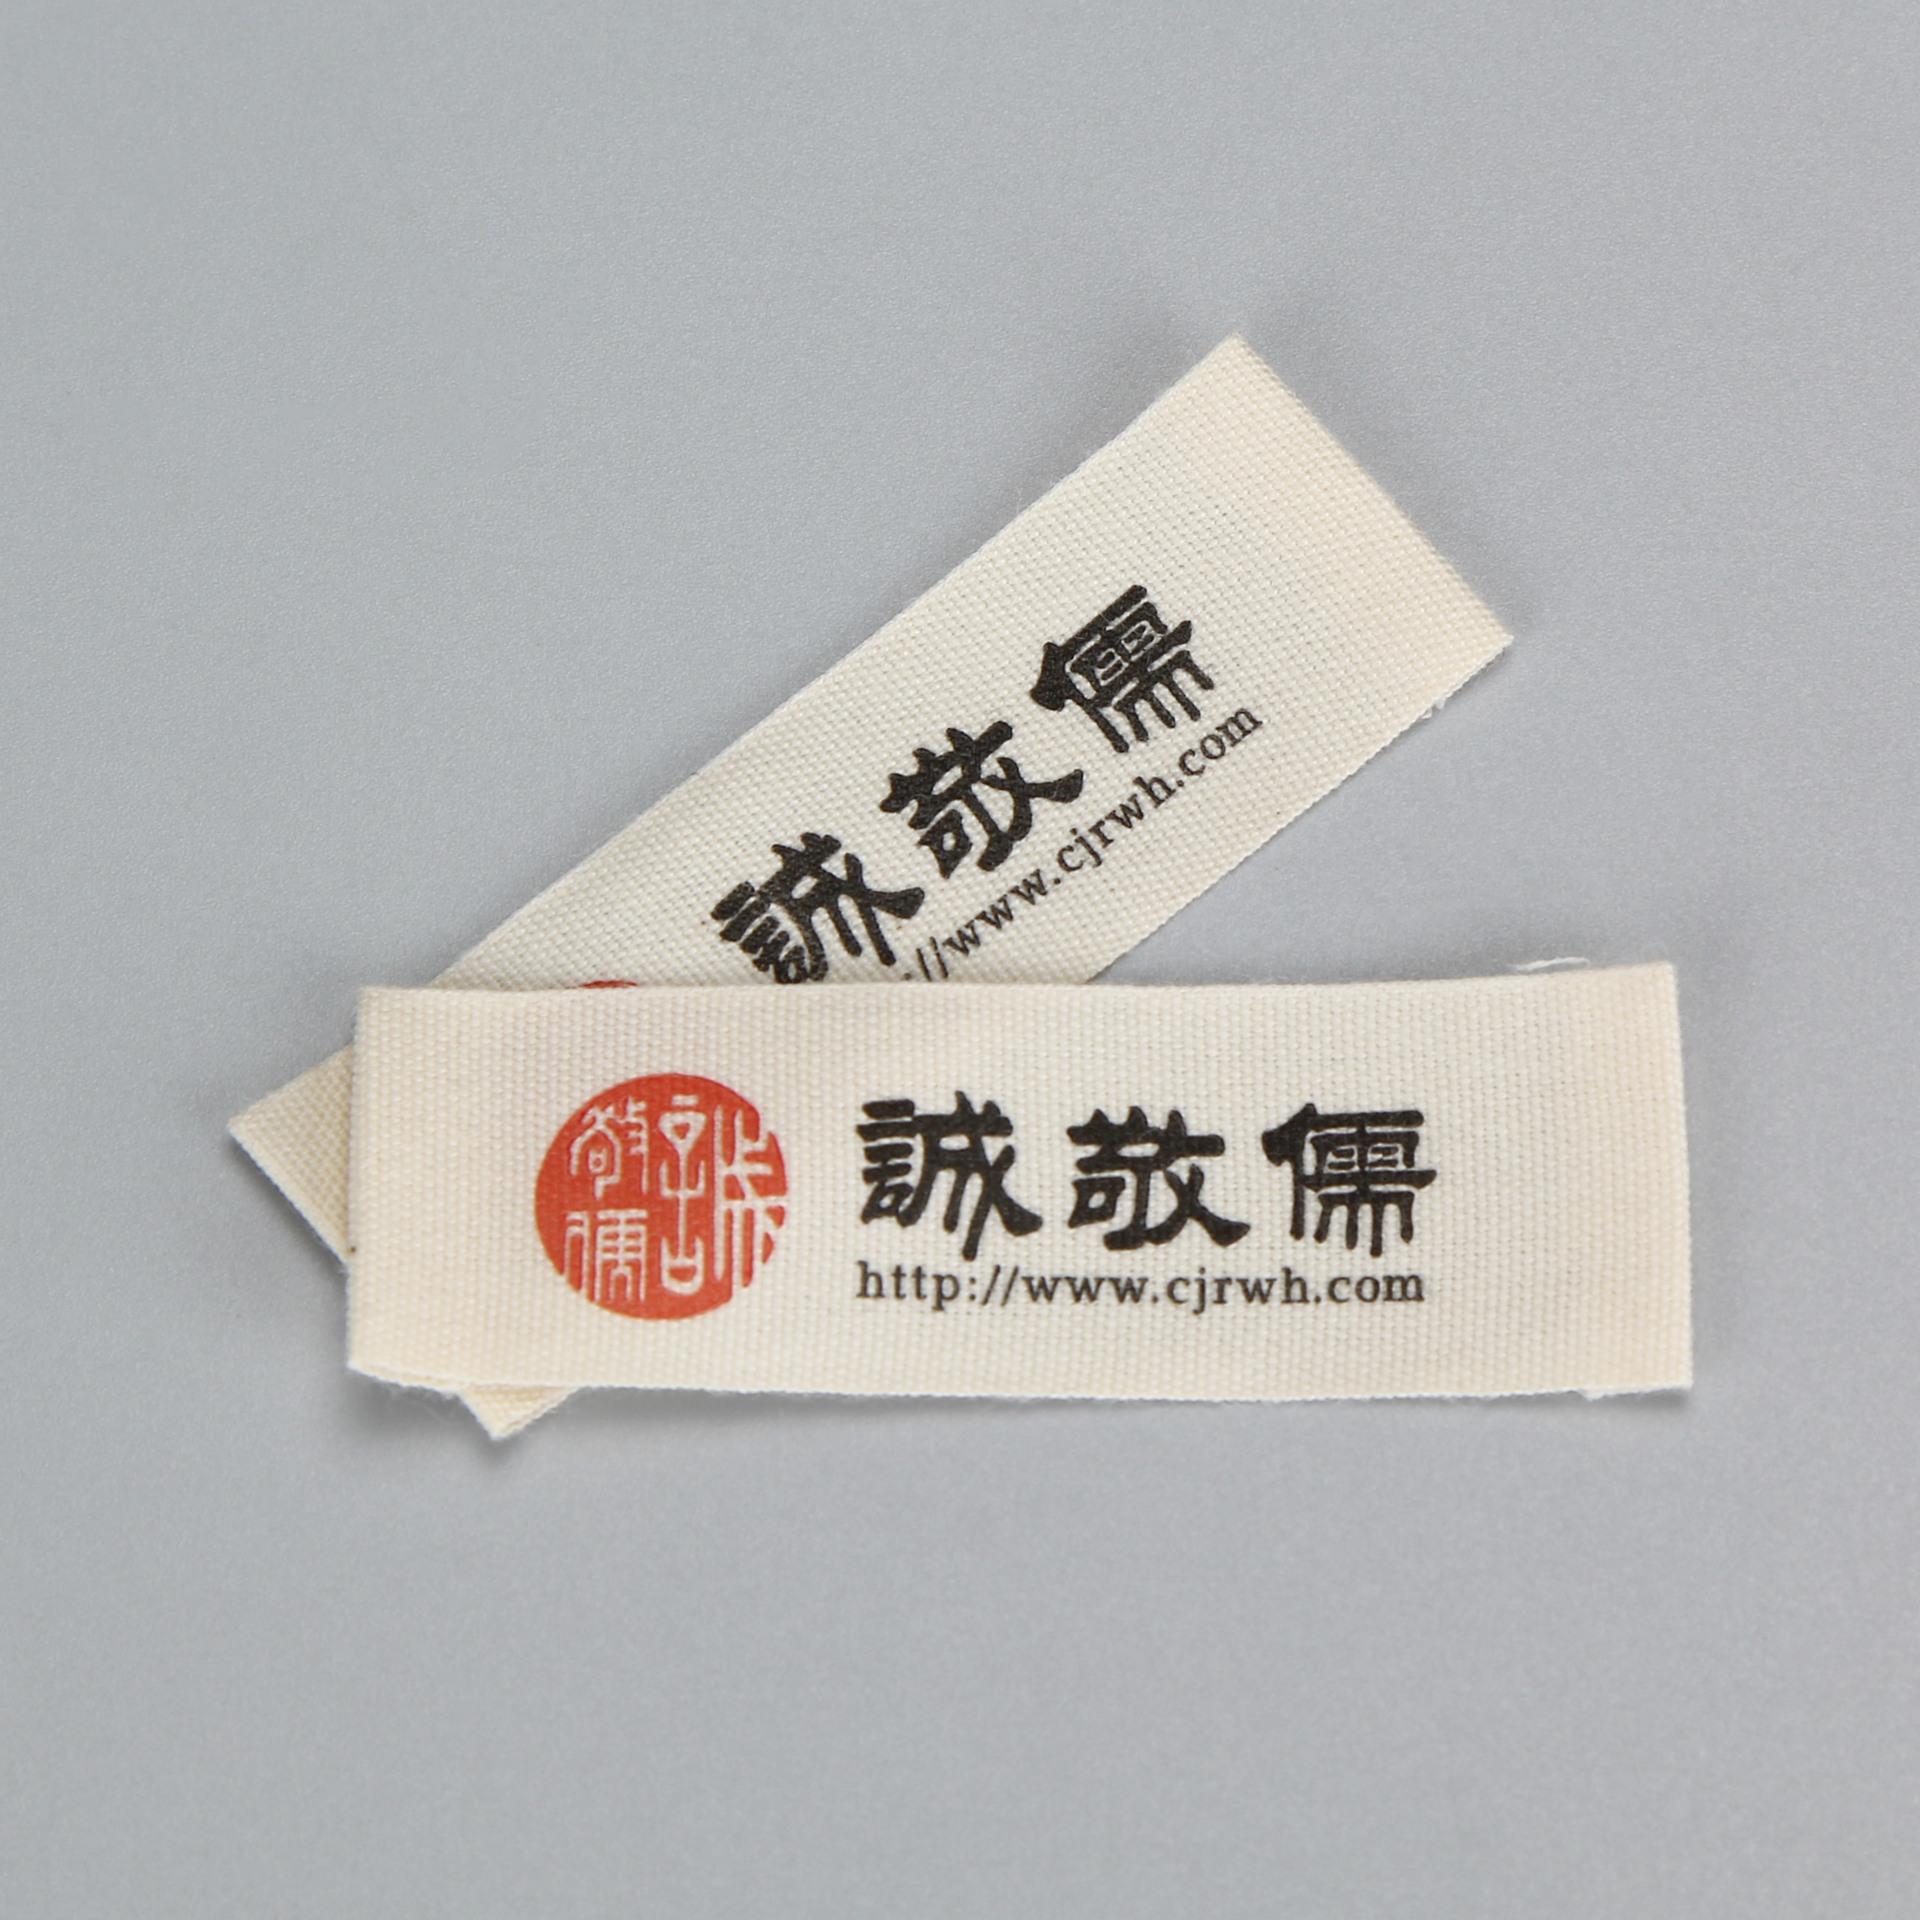 Các nhà sản xuất tùy chỉnh-thực hiện quần áo giặt tiêu chuẩn in ấn tiêu chuẩn quần áo trẻ em cổ áo b